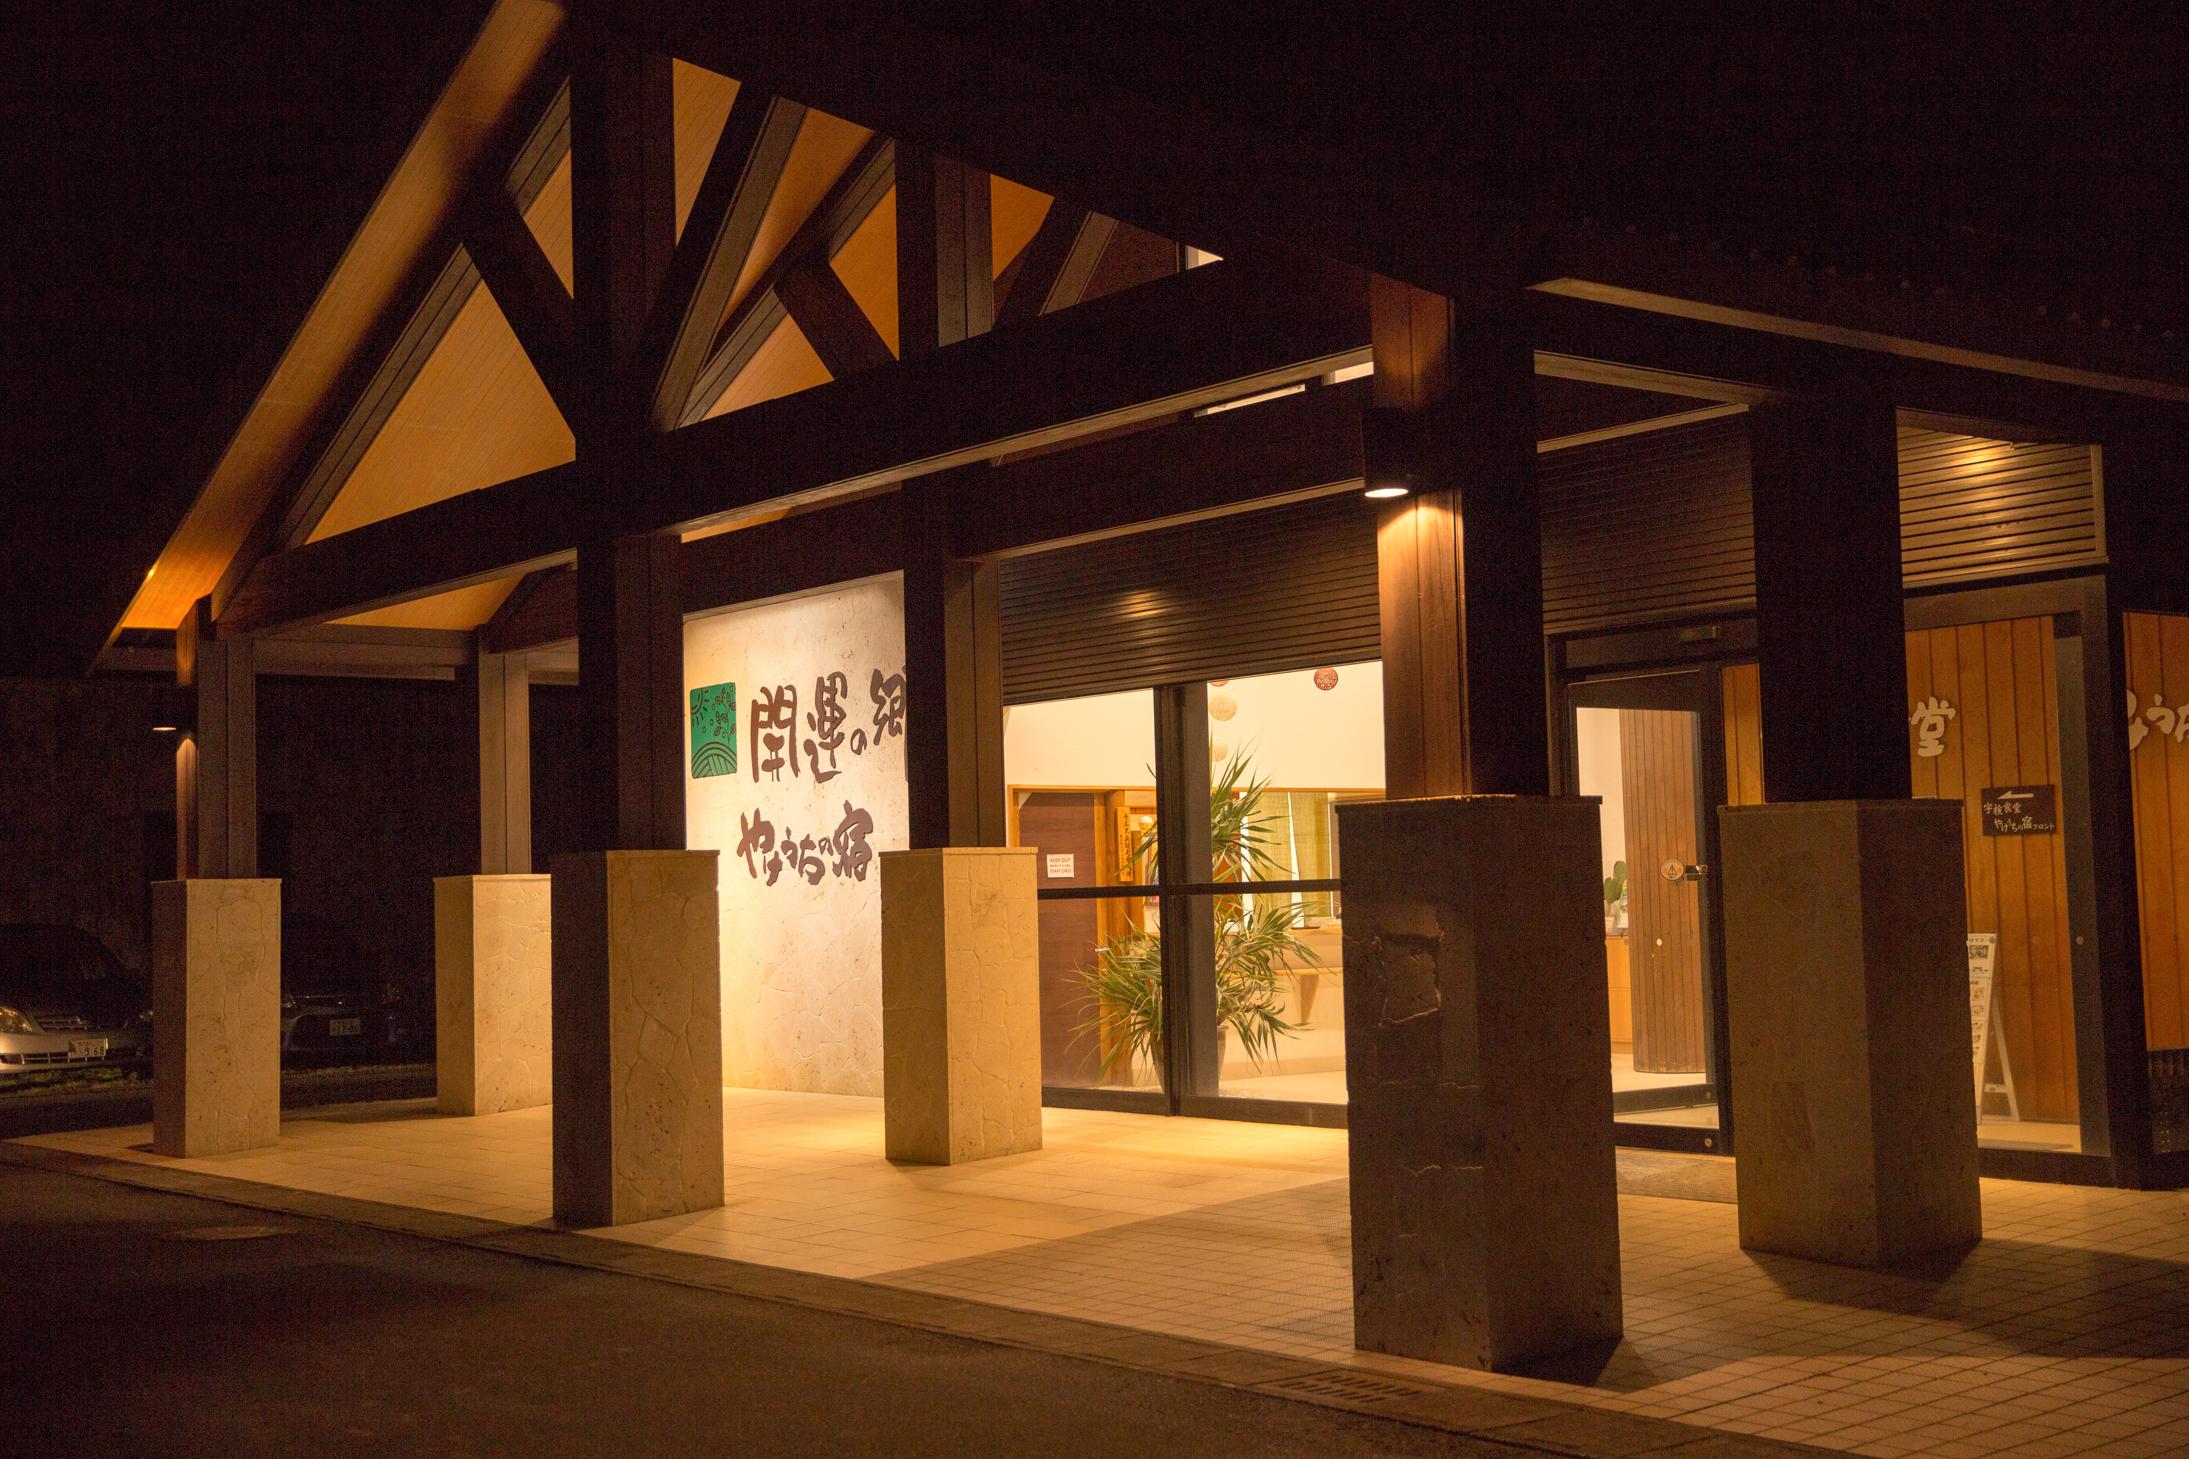 宇検村:やけうちの宿外観